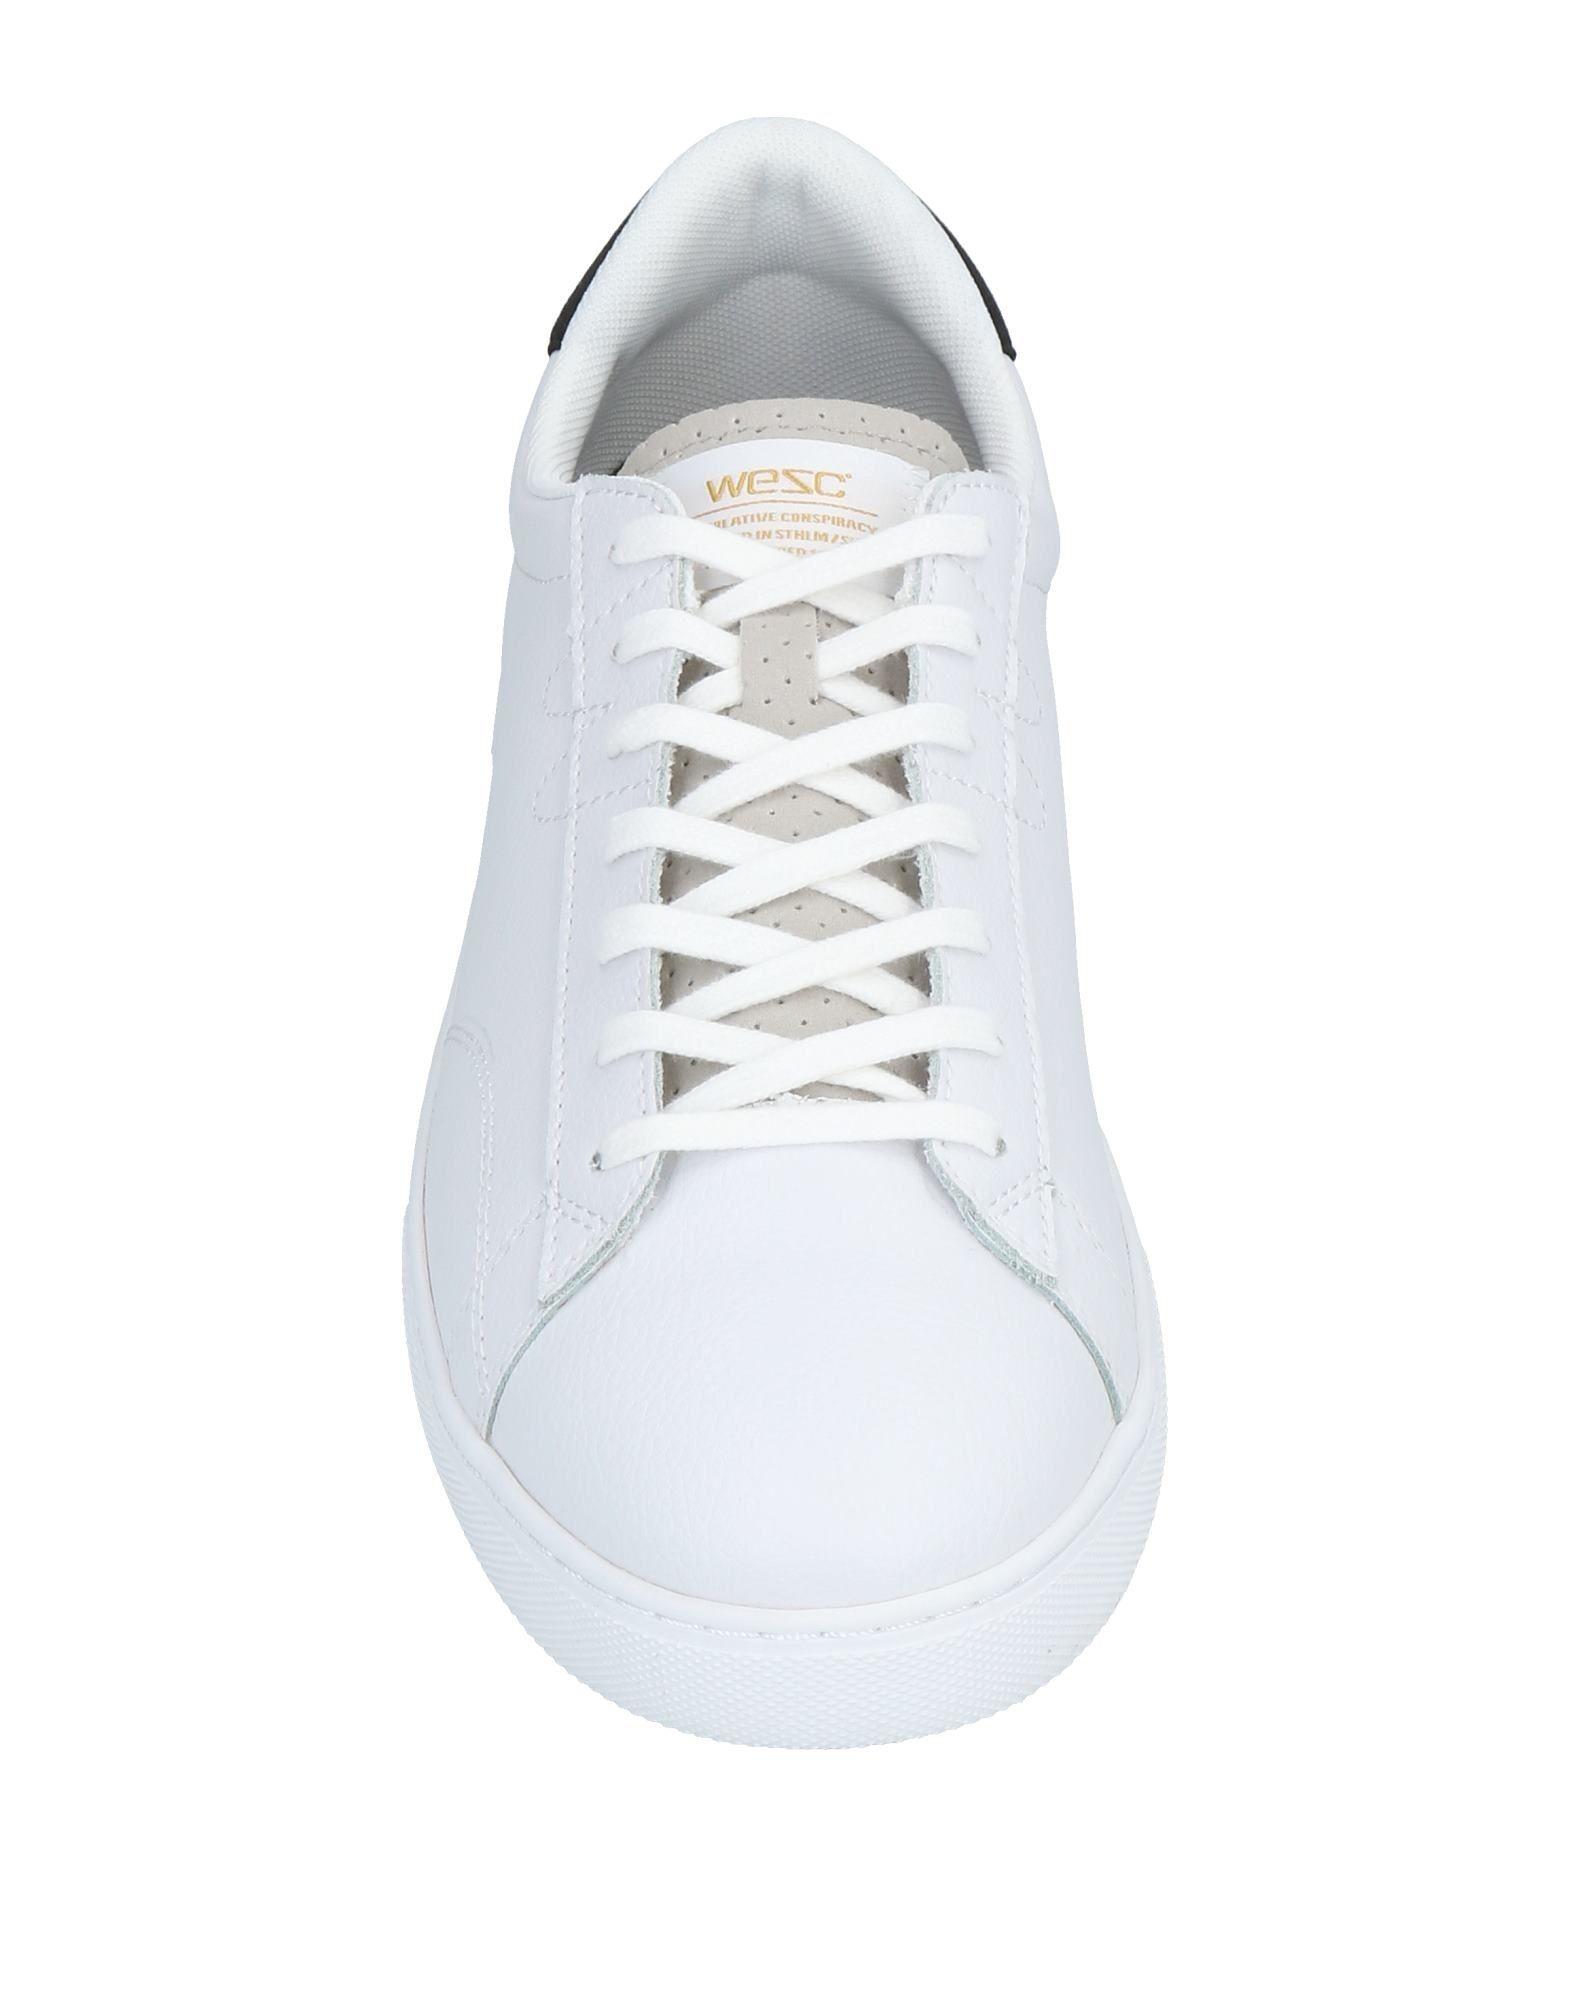 Rabatt Herren echte Schuhe Wesc Sneakers Herren Rabatt  11482948NF 818491